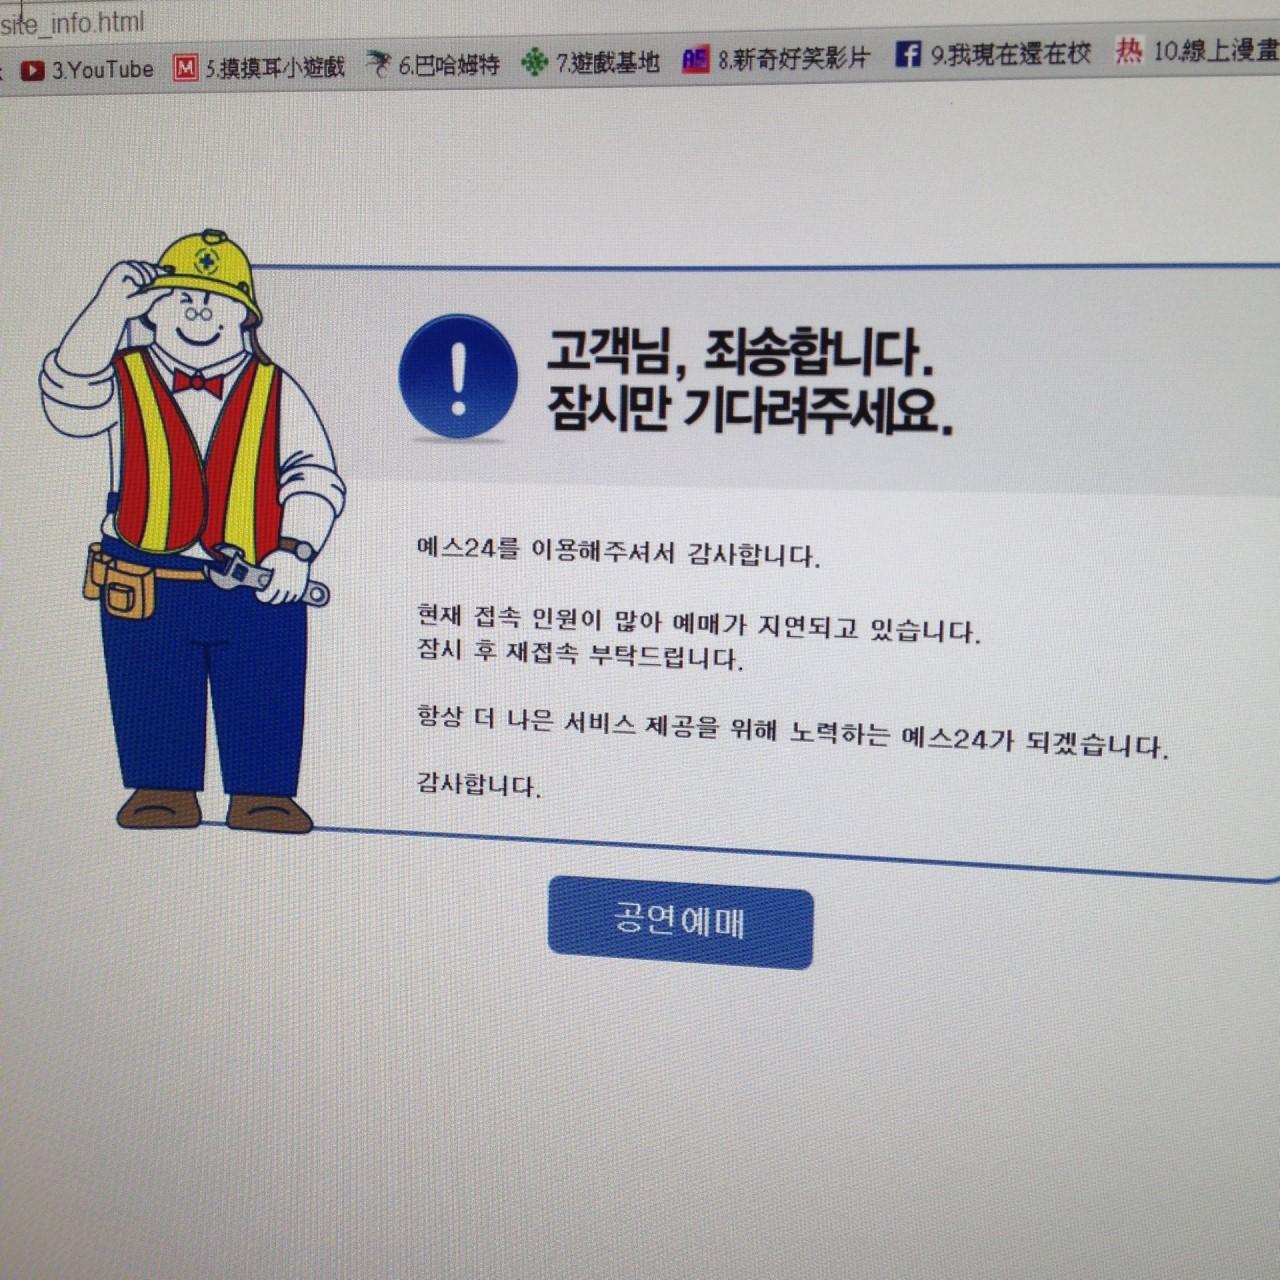 用線上購票系統伺服器進不去(這跟大學選課系統進不去是一樣的道理)